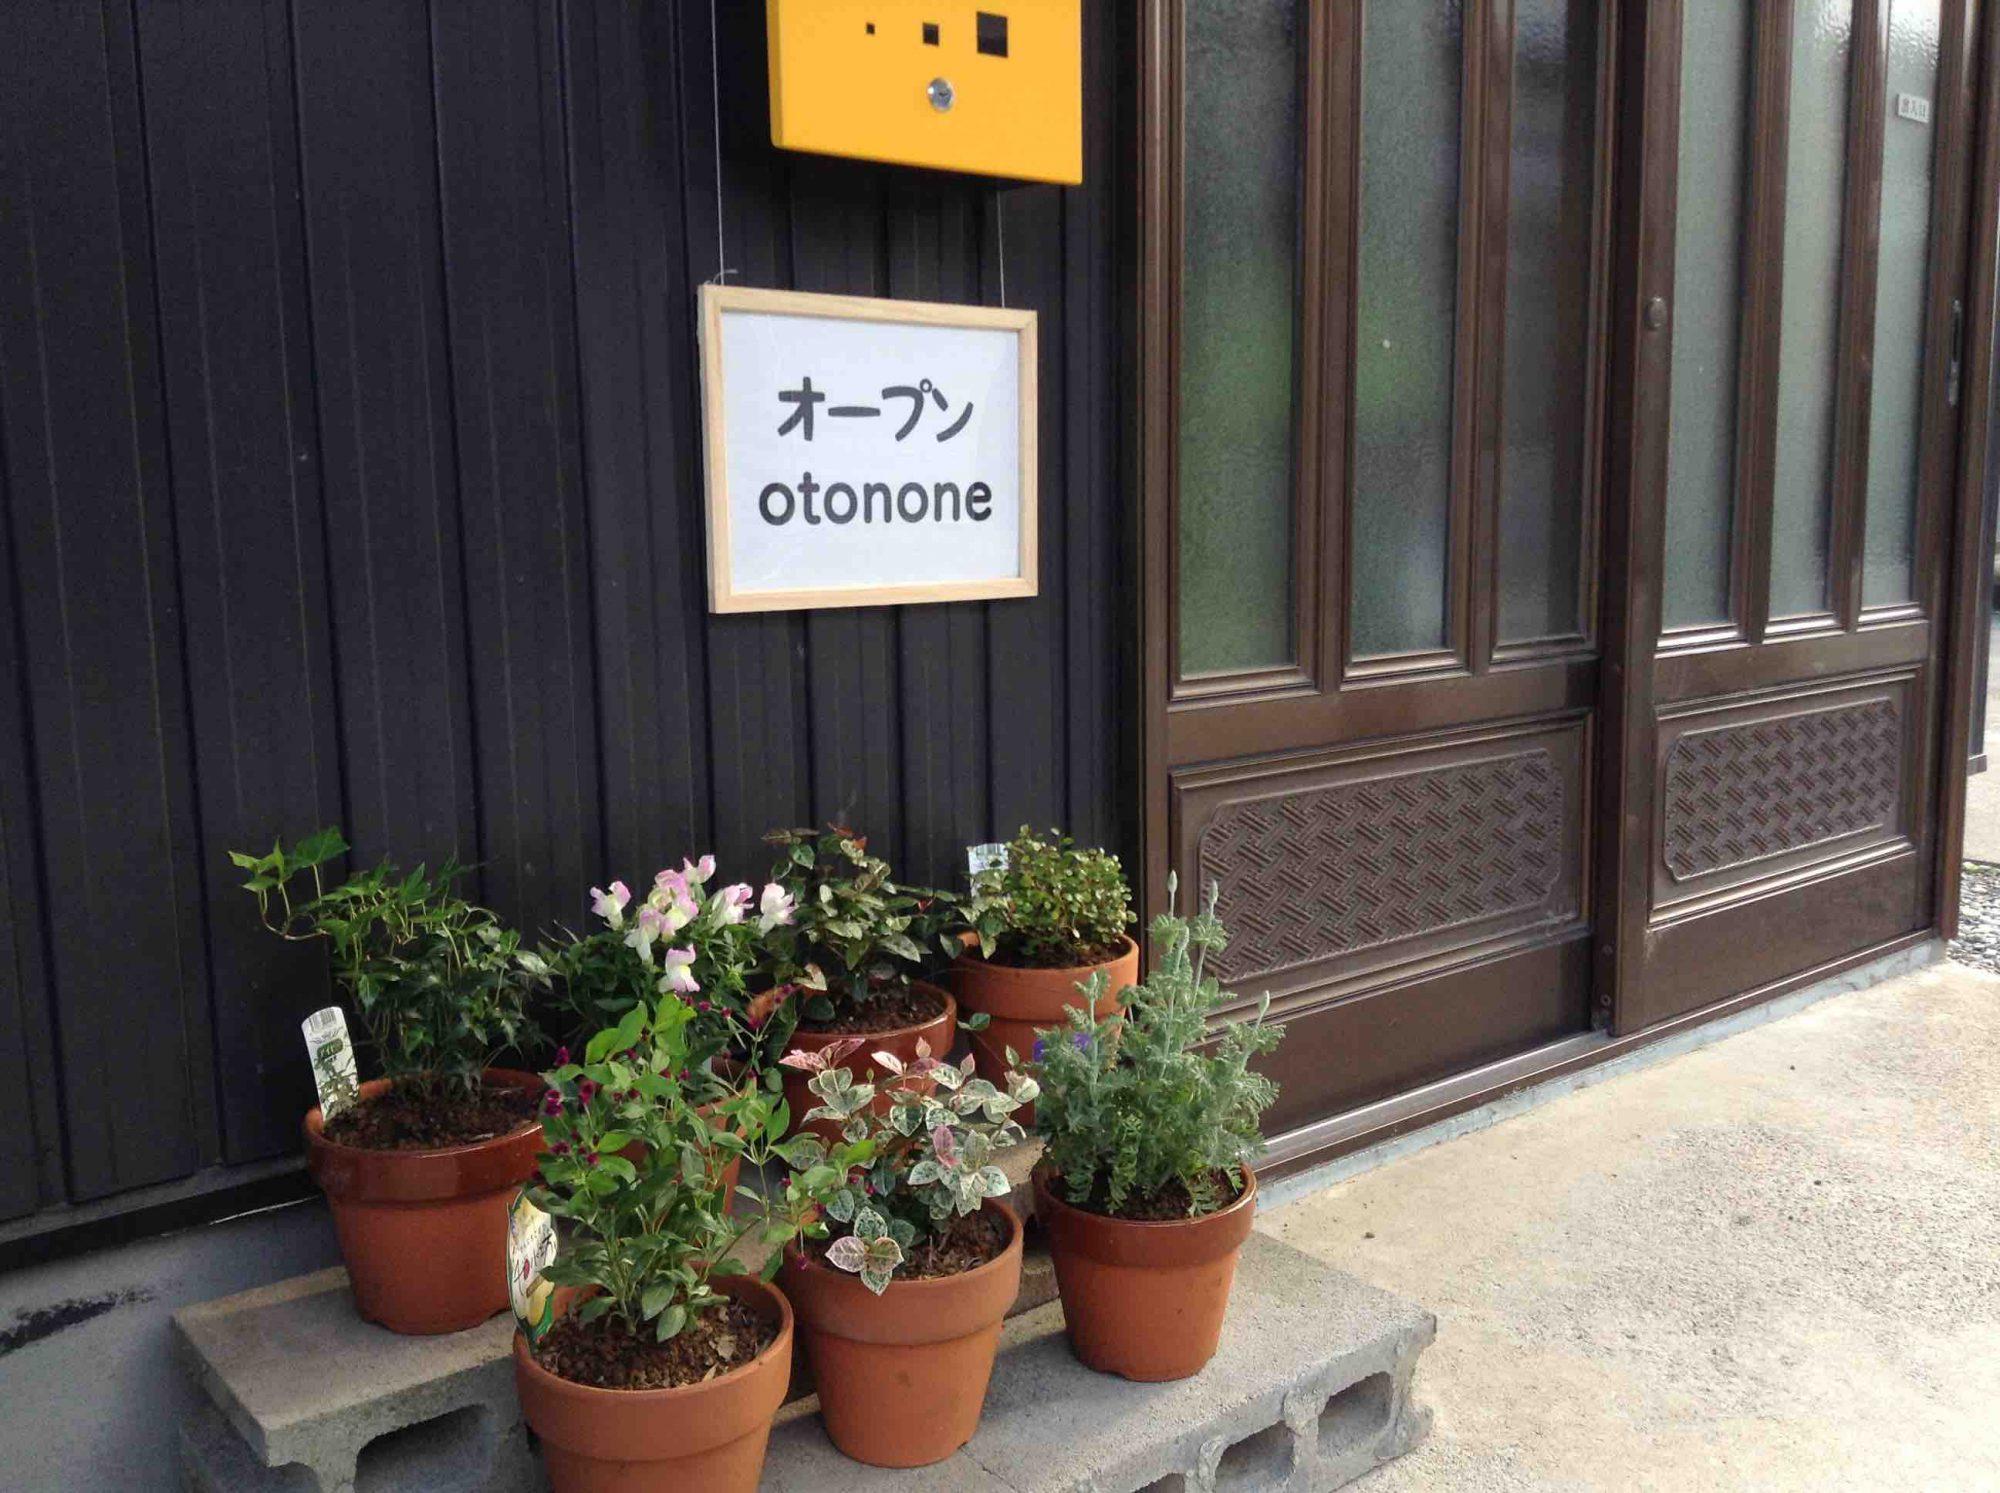 富山・高岡・金沢で創造性や自発性ある生徒を育てたい塾の先生のブログ。あなたの道をすすんでください。